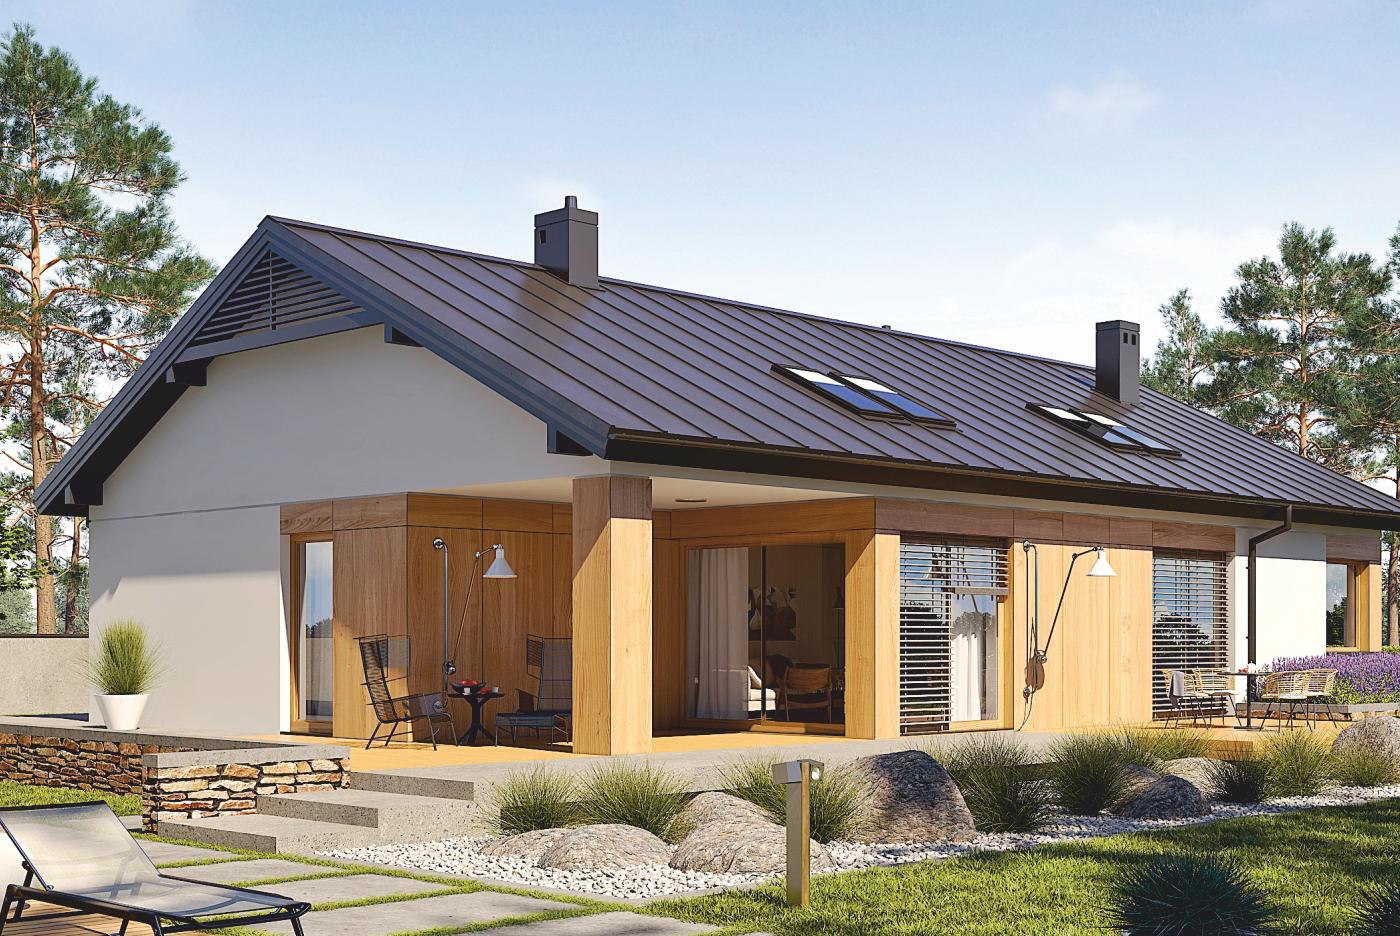 Wizualizacja domu z poddaszem użytkowym z zastosowaniem żaluzji fasadowych od BeClever